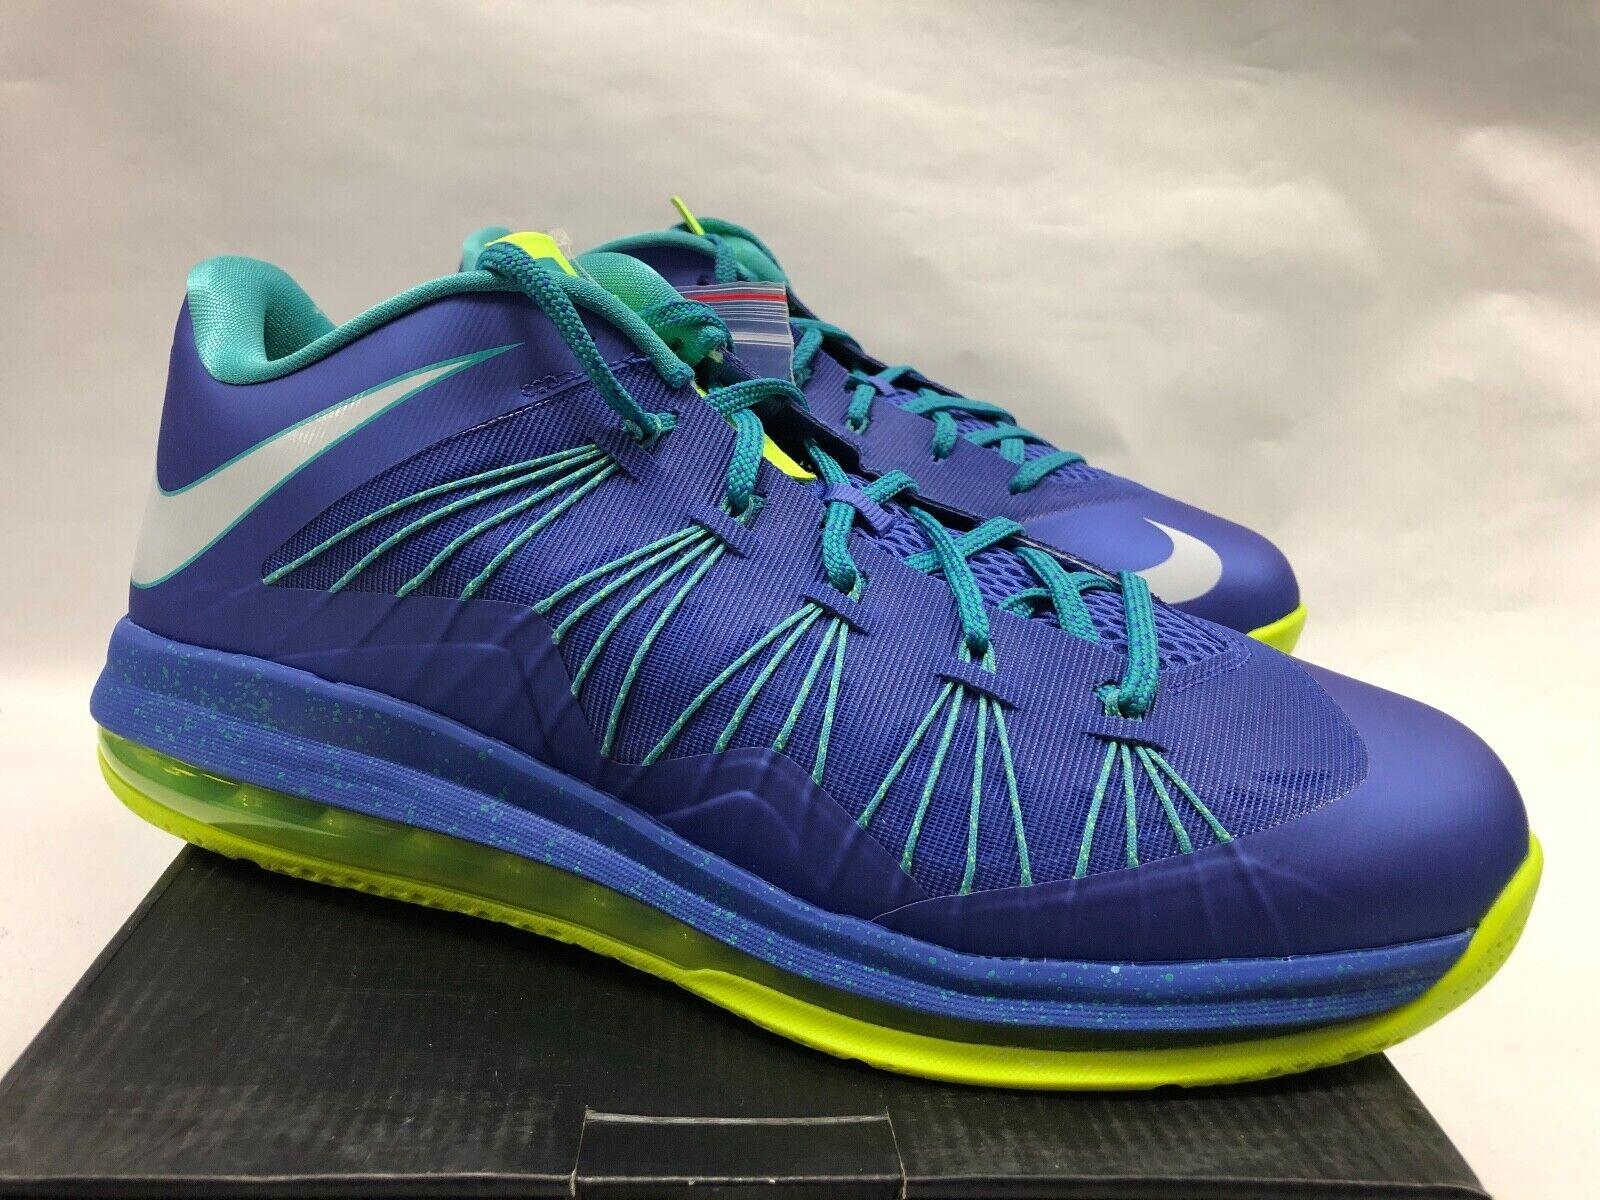 Nike Air Max LeBron 10 Low Sprite